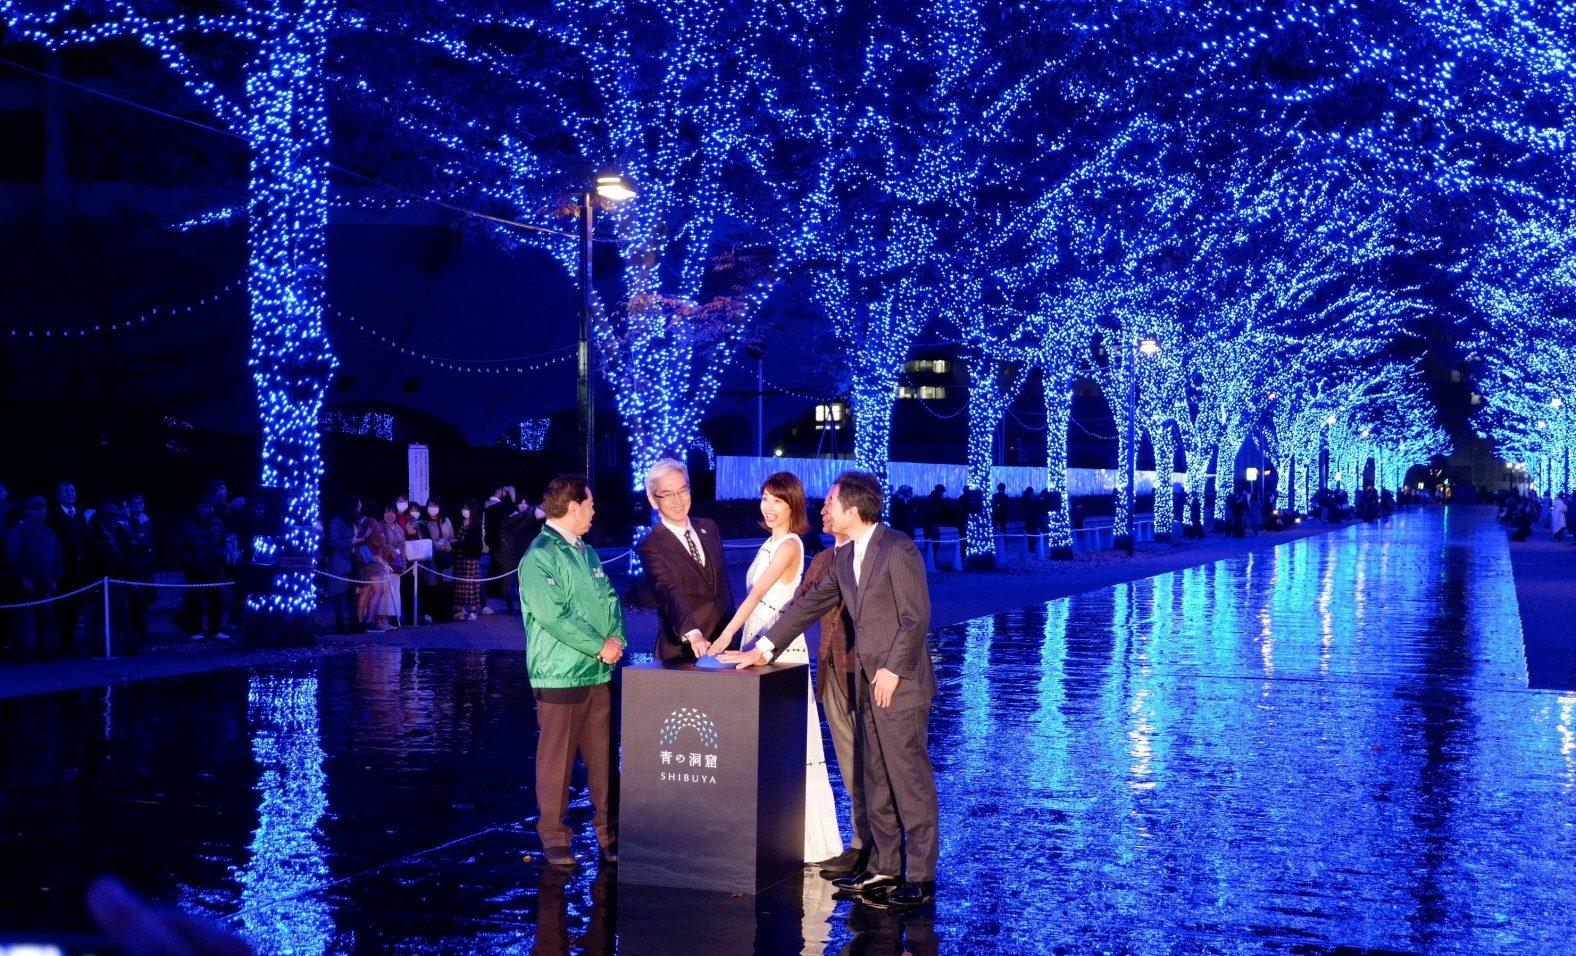 年末イルミネーション『青の洞窟 SHIBUYA』 今年はサウンドジェニック! 売店でぜひ「ボロネーゼ」と青いドリンクを